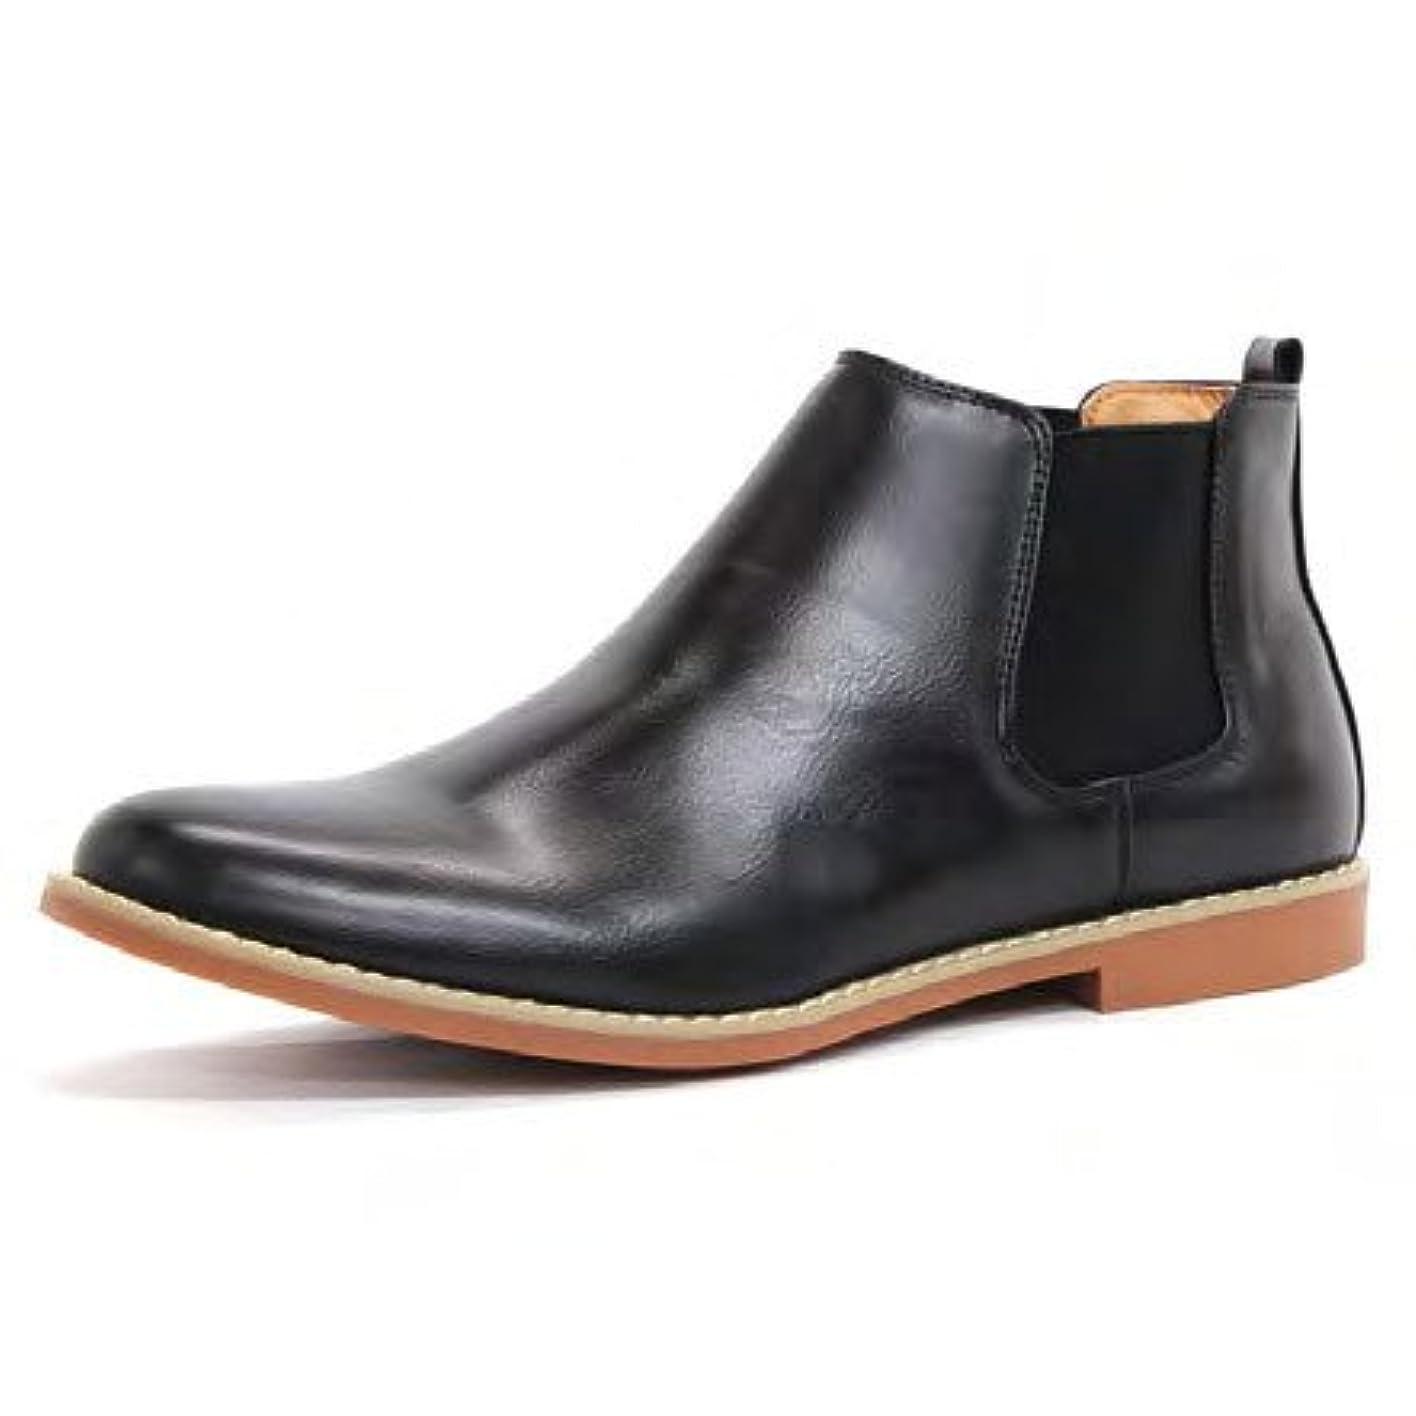 関数短くする最後にAAA+ トリプルエー メンズ チャッカ ブーツ 25.5cm 41サイズ ブラック 2355-BK-41